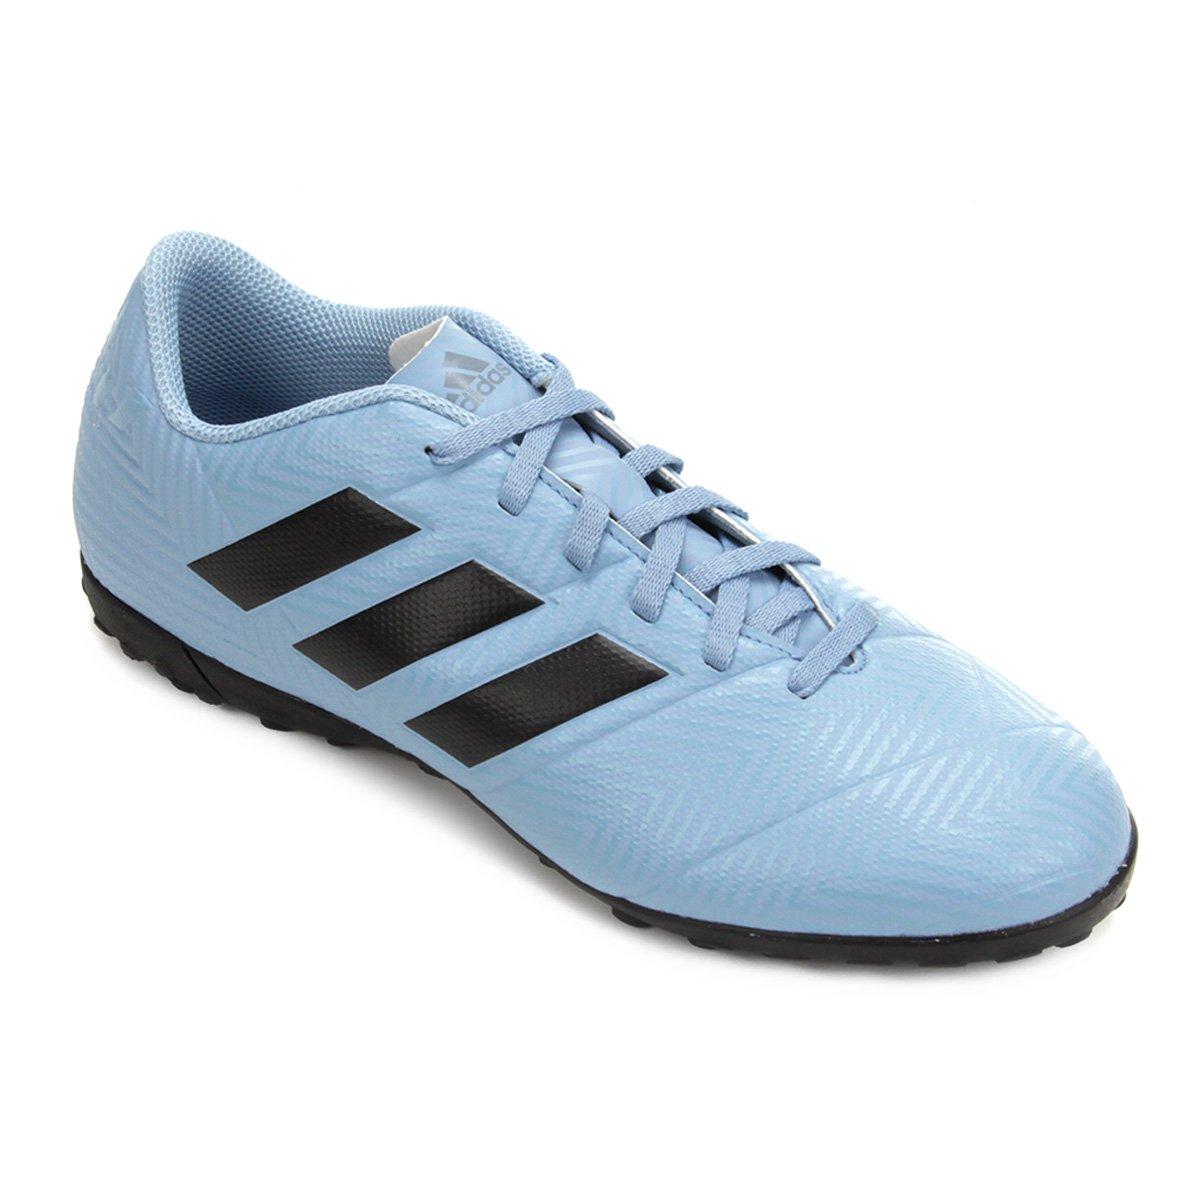 52df88ba9d Chuteira Society Adidas Nemeziz Messi Tan 18 4 TF